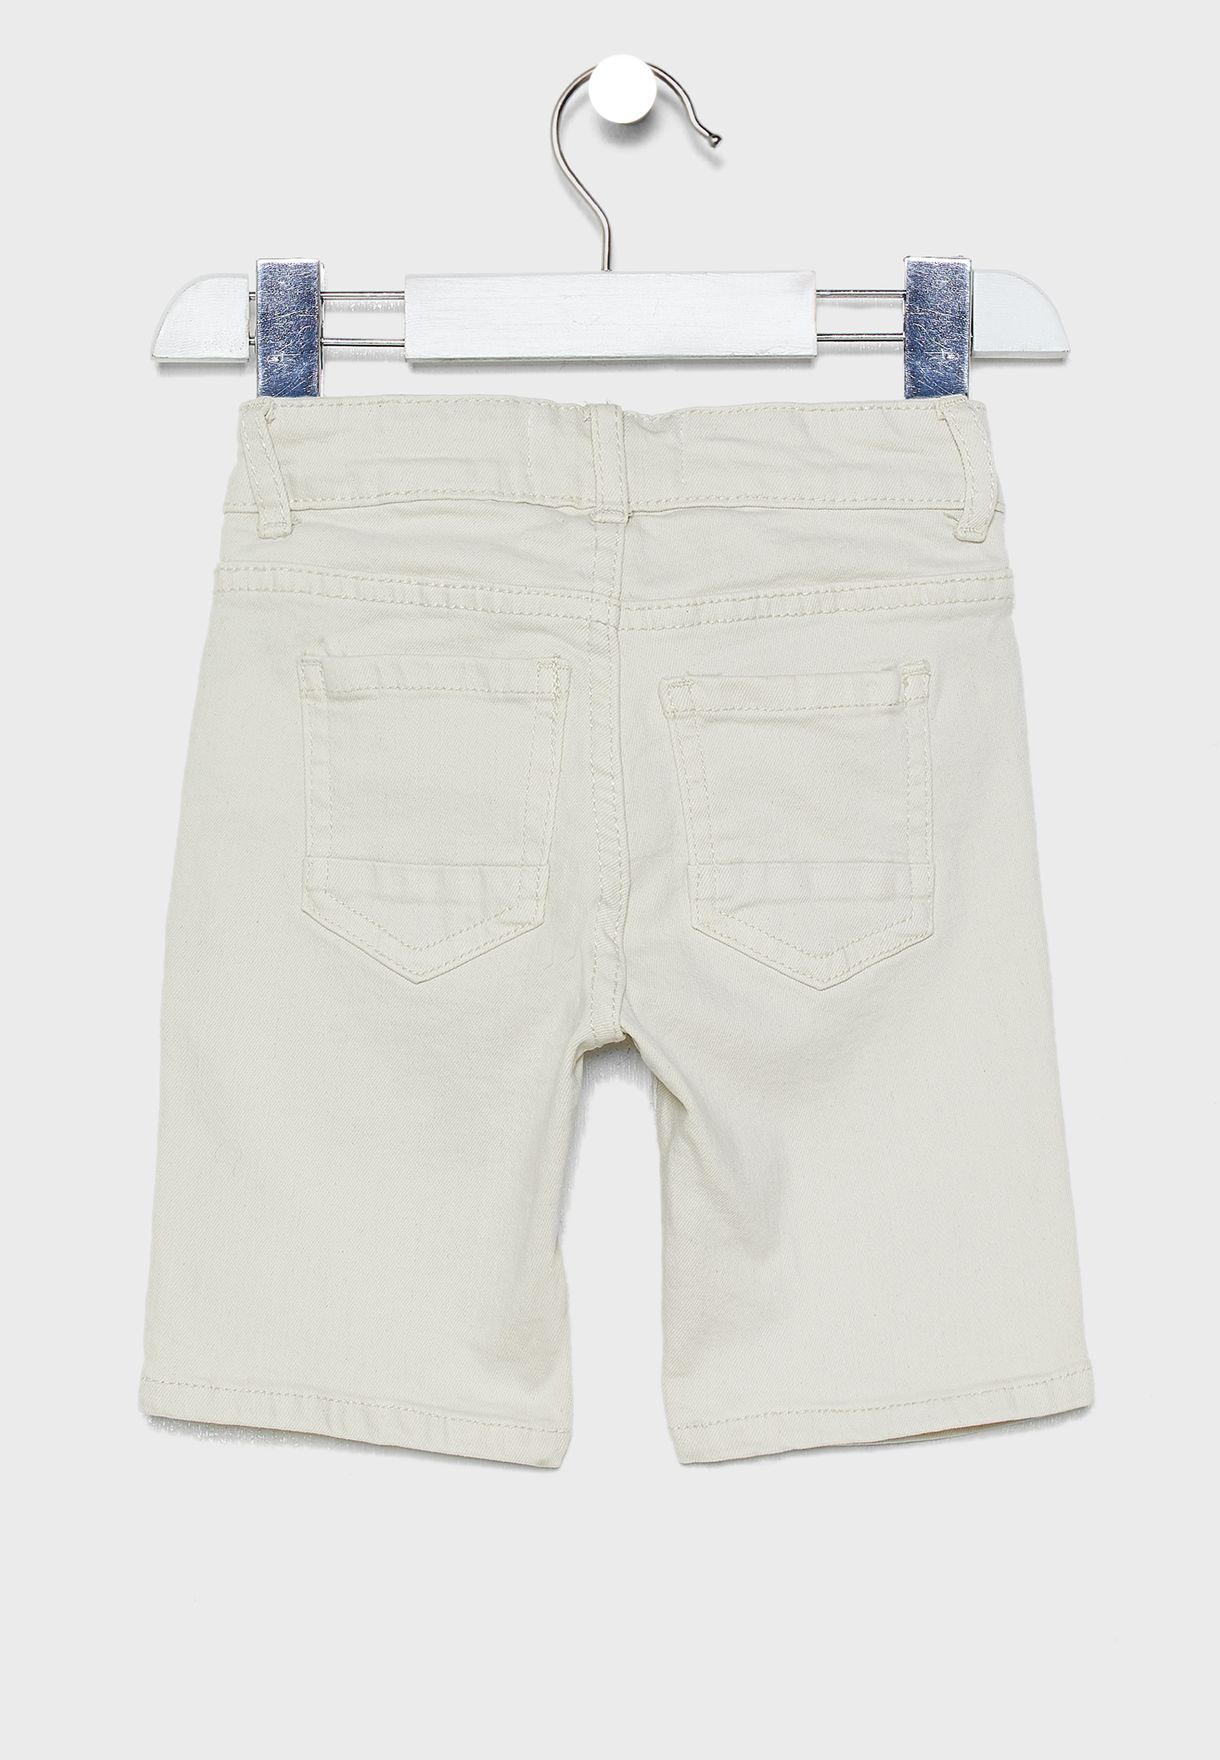 Kids Bermuda Denim Shorts